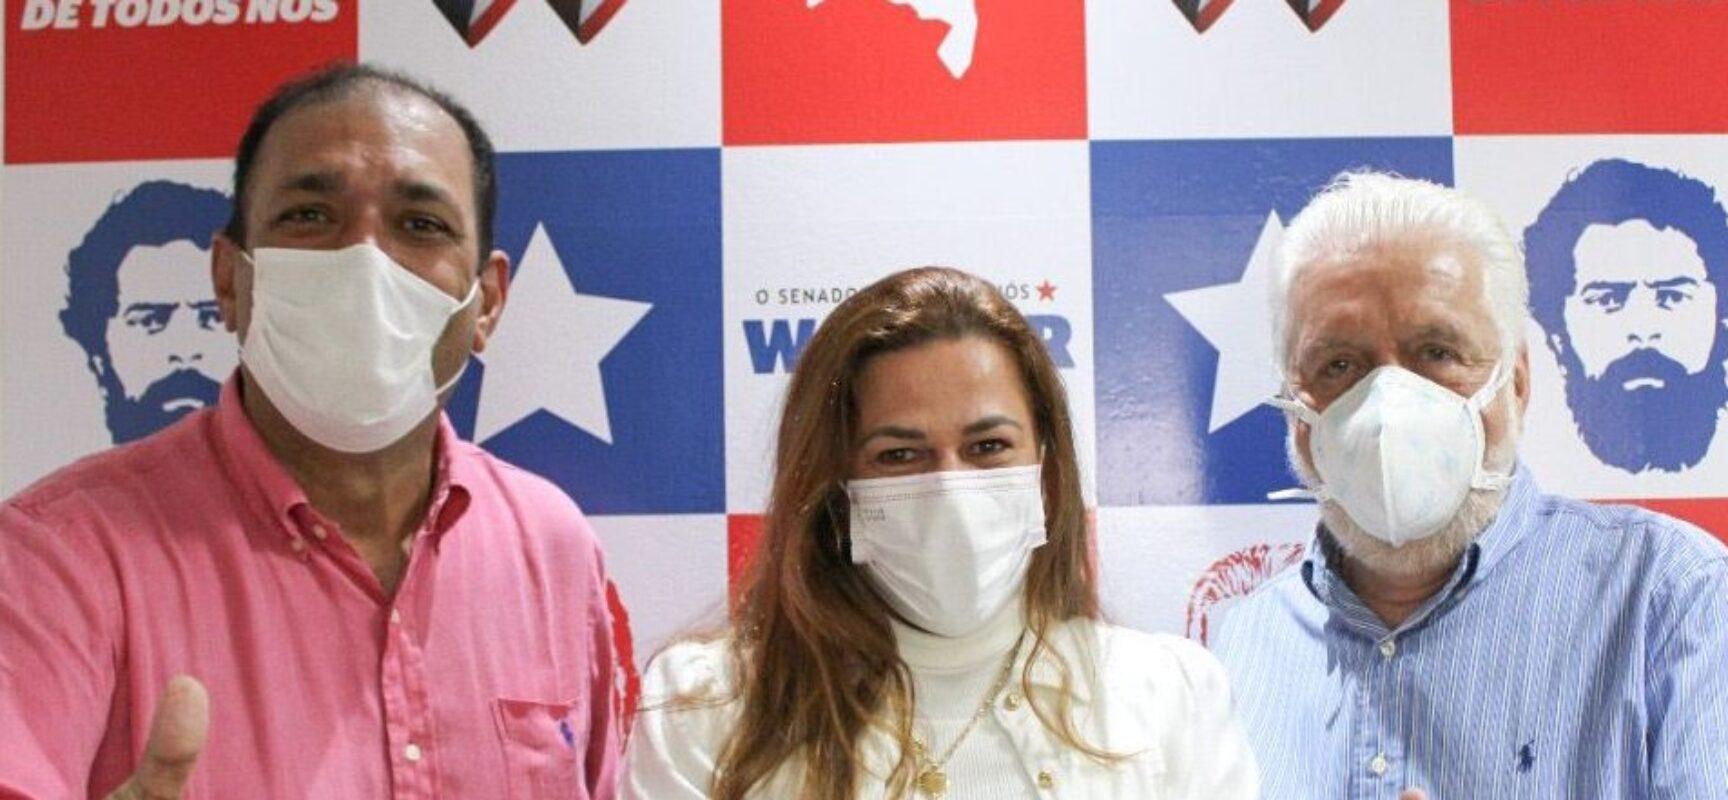 Marão e Soane Galvão são recebidos pelo senador Jaques Wagner em Salvador